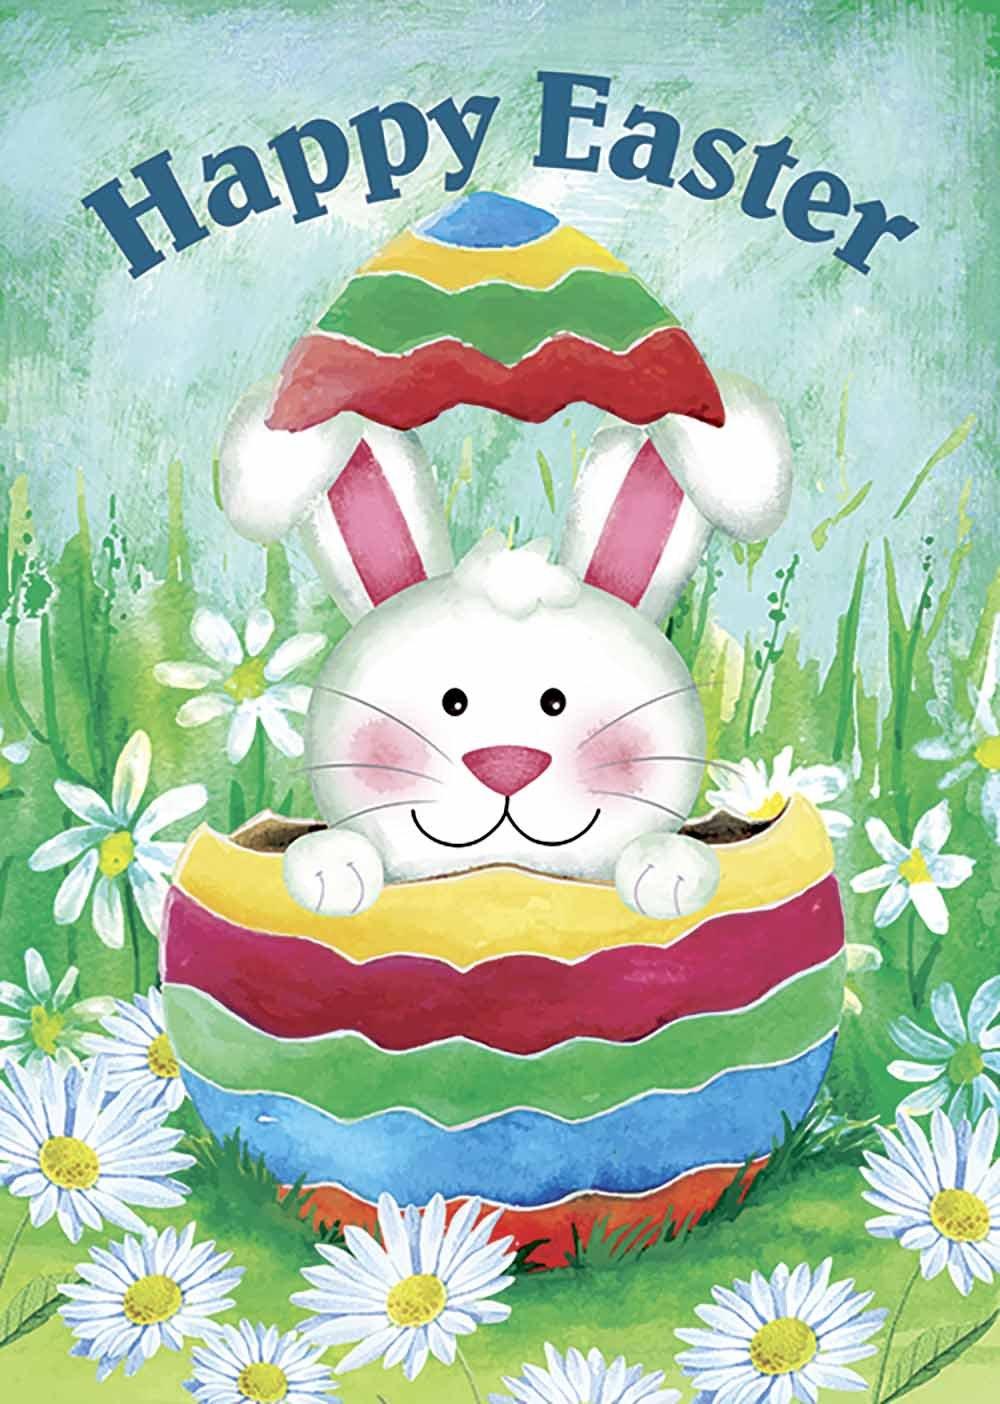 """Résultat de recherche d'images pour """"happy easter bunny images"""""""